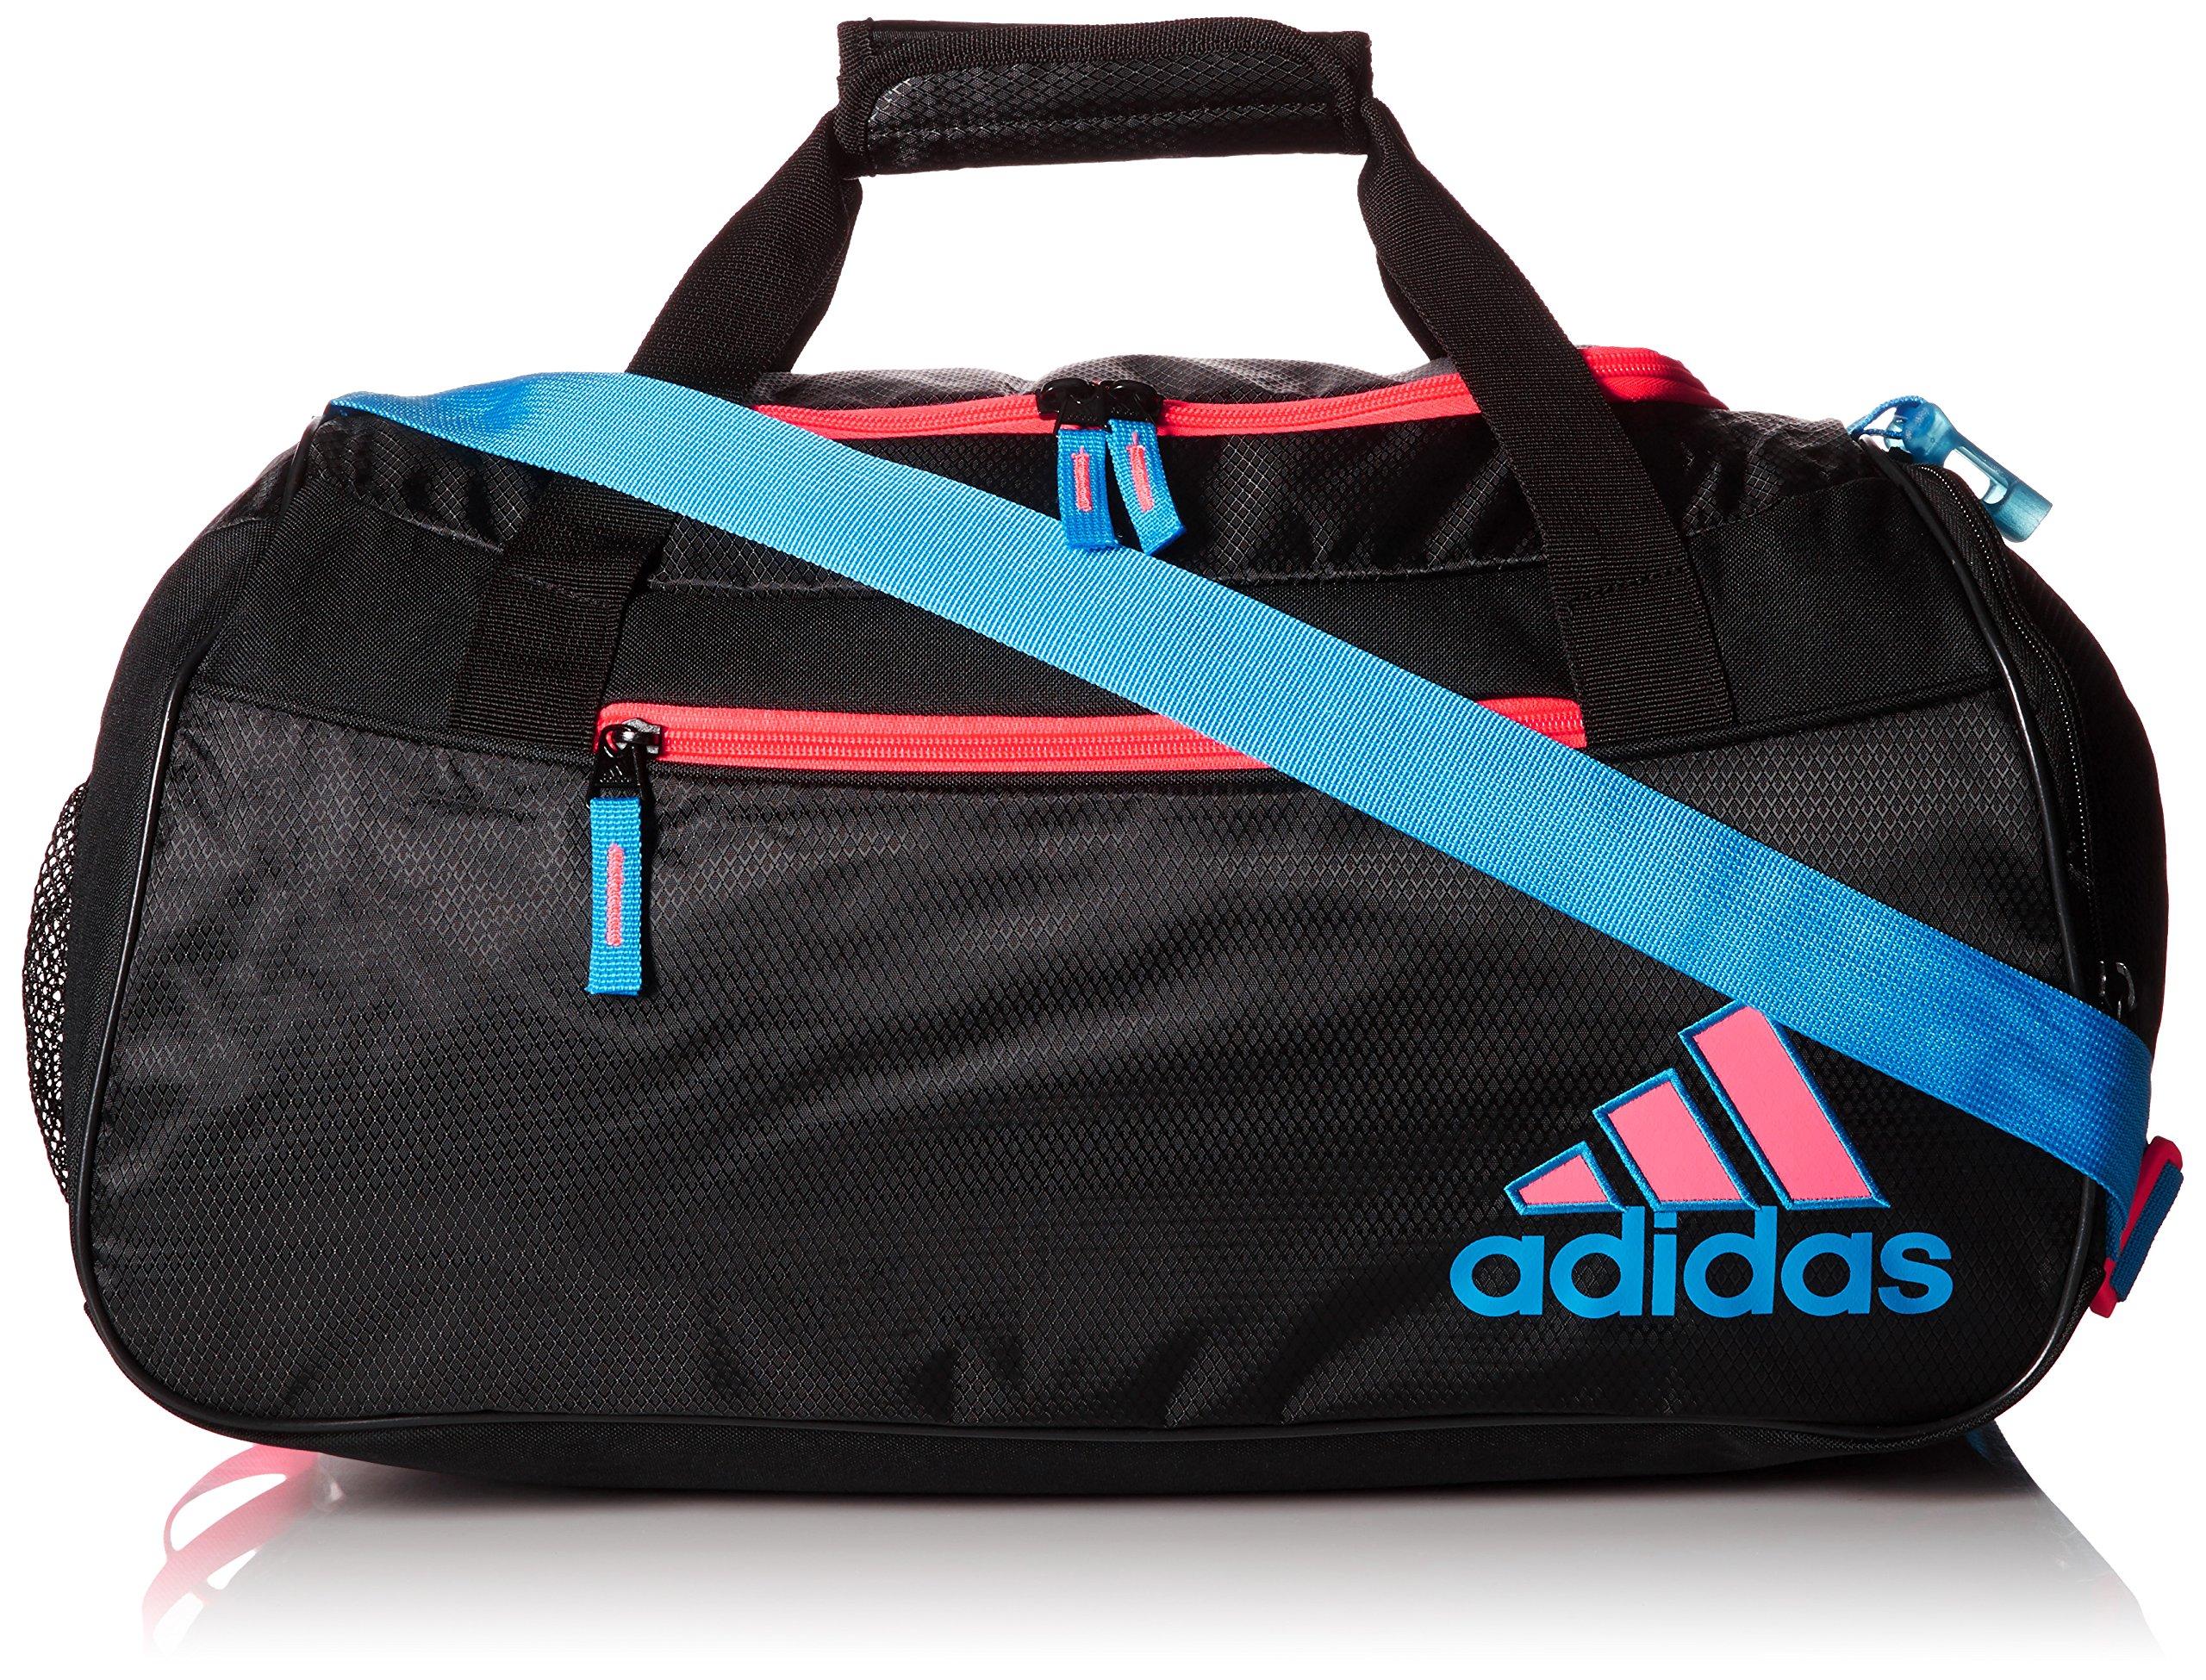 adidas Squad II Duffel, Black/Solar Blue/Flash Red Pink, One Size